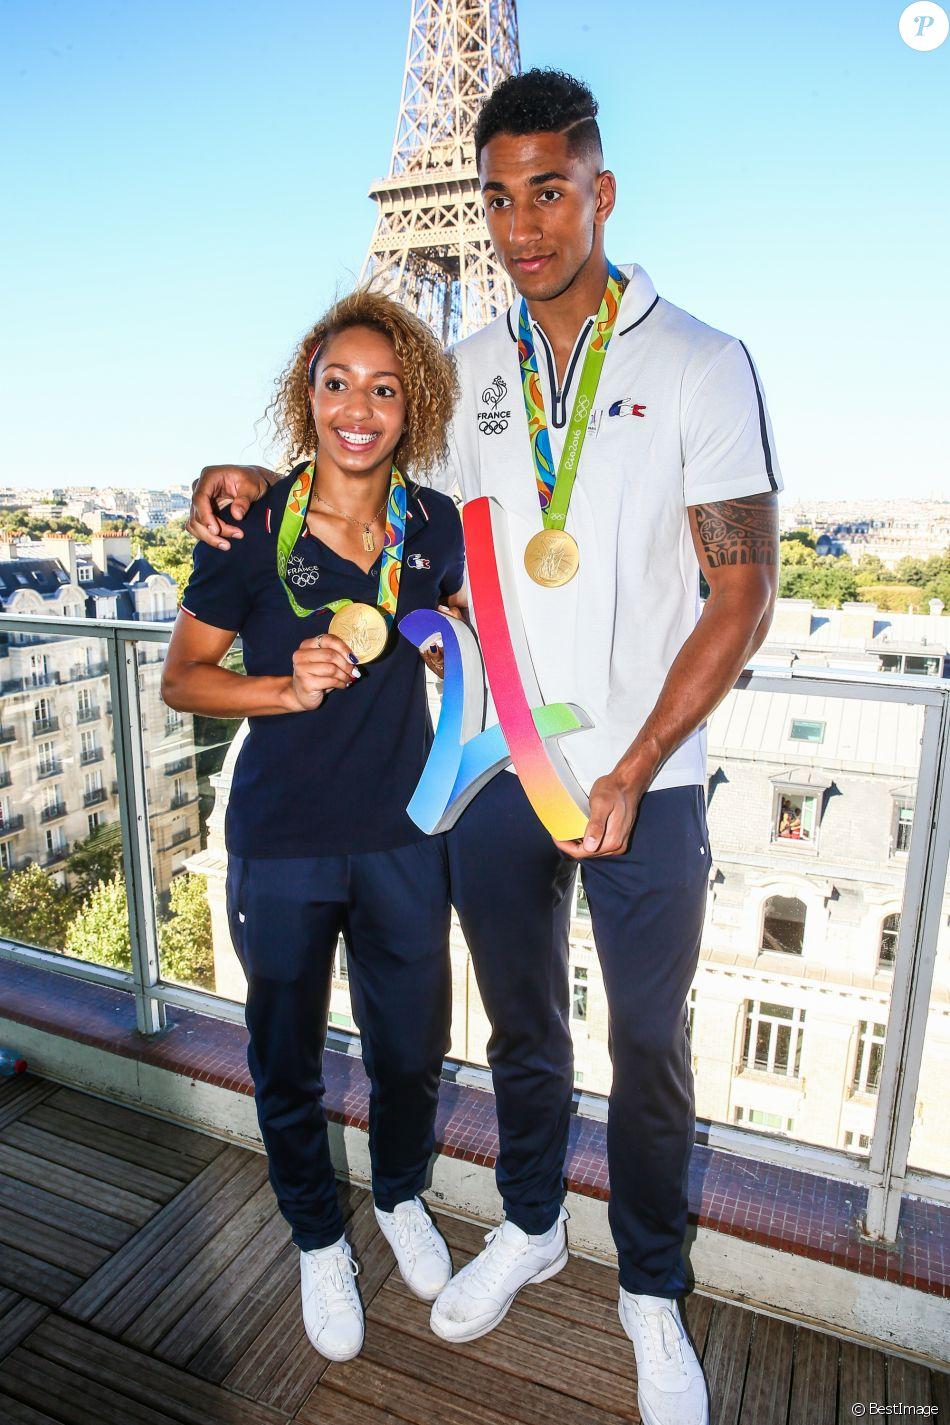 retour athlètes paralympiques 2018 paris